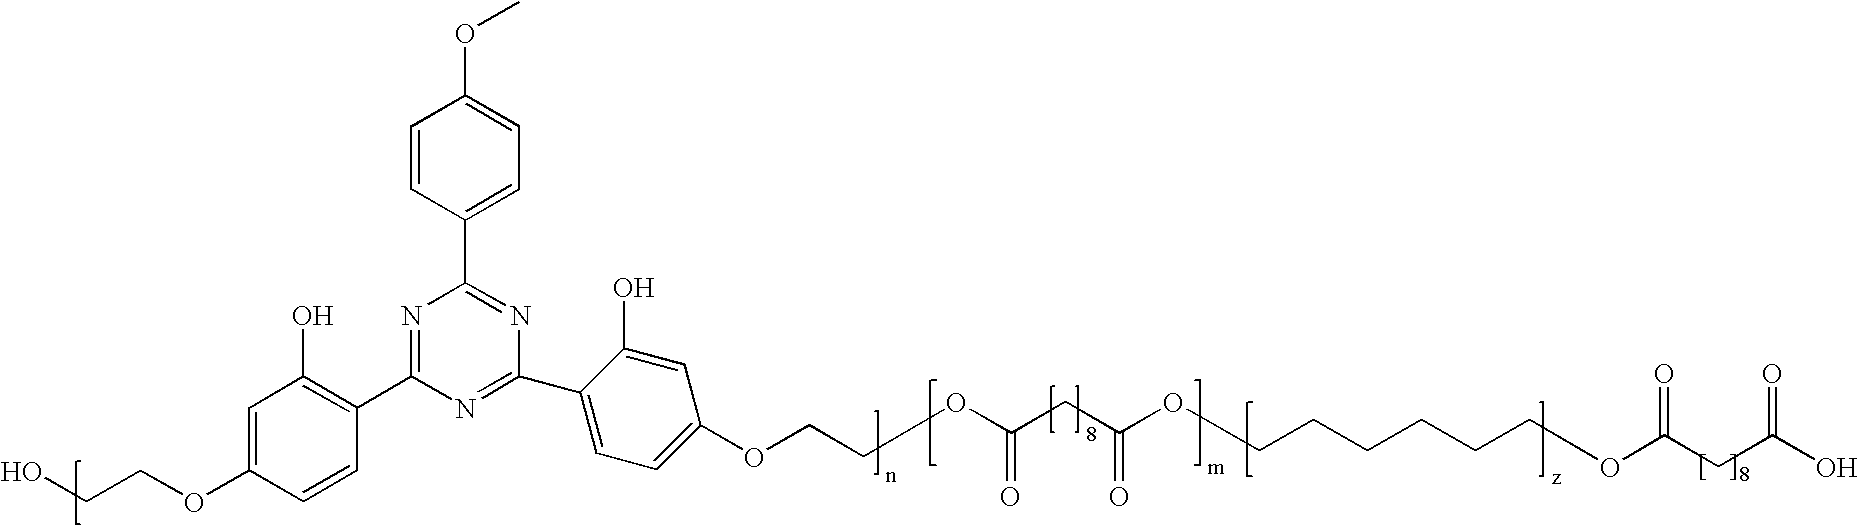 Figure US07294714-20071113-C00052